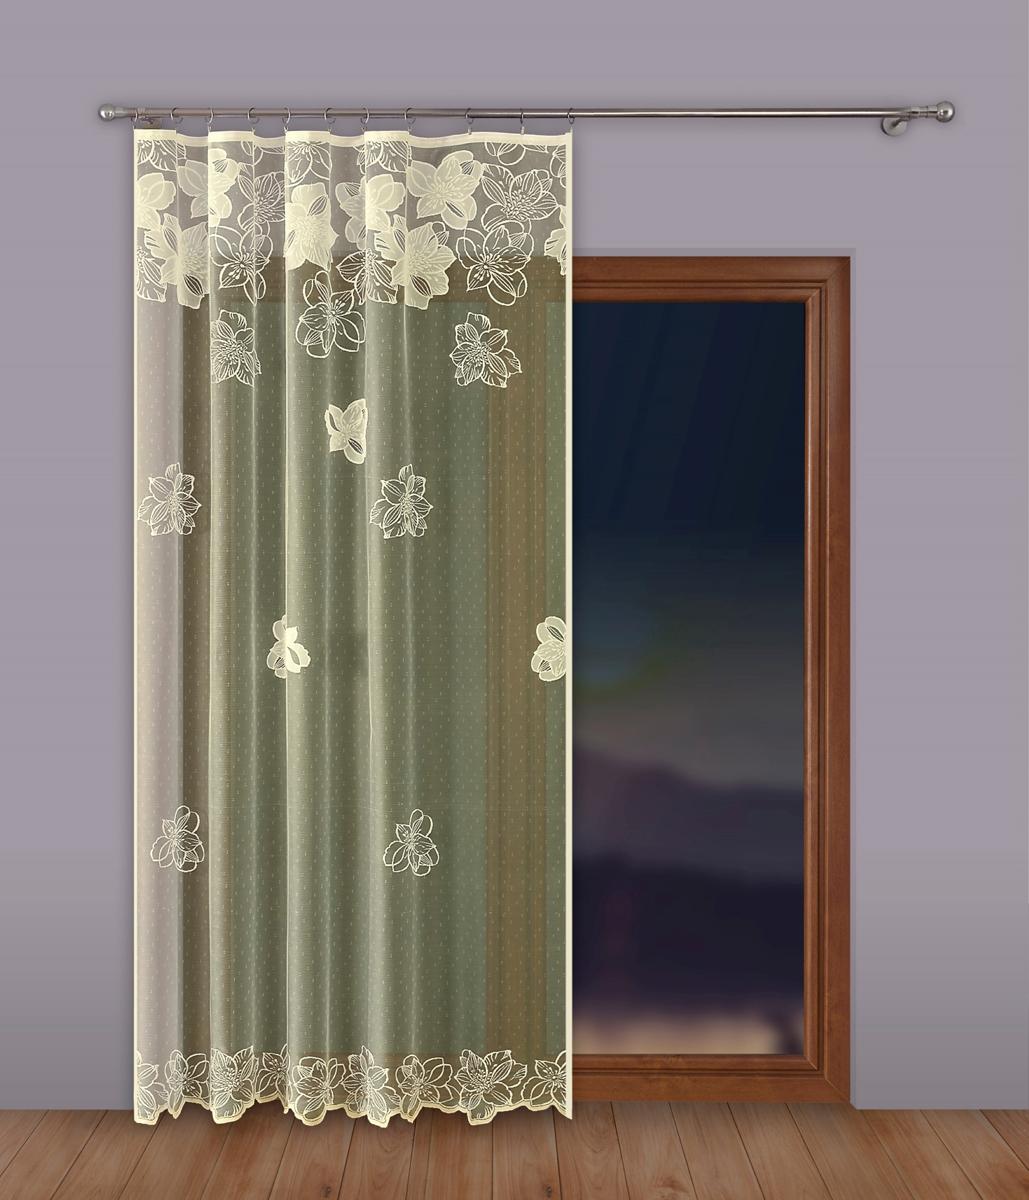 Тюль P Primavera Firany, на ленте, цвет: кремовый, высота 270 см, ширина 500 см. 1110349 primavera